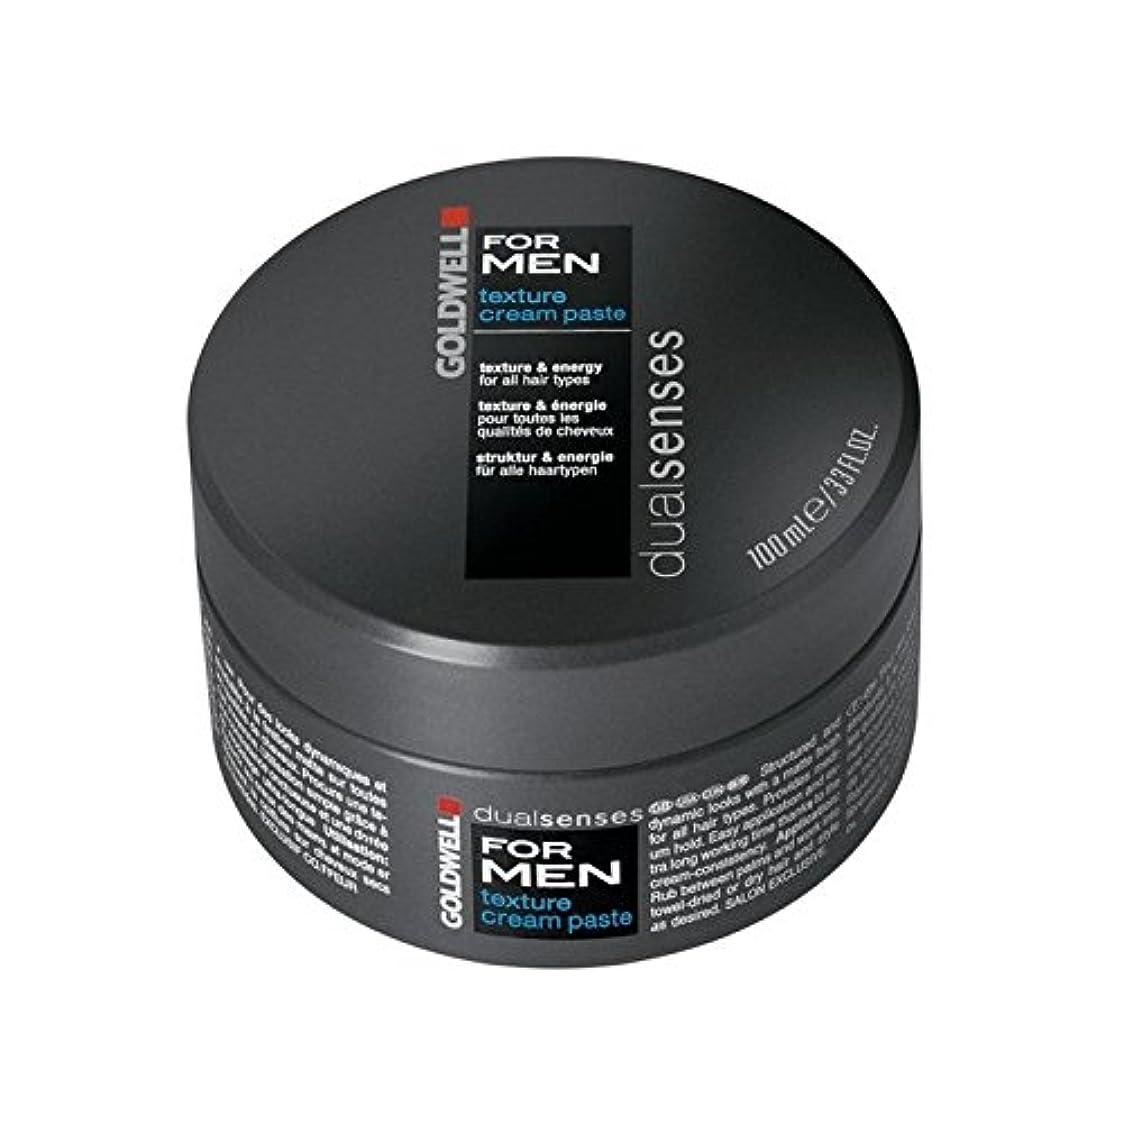 デモンストレーションファンシーのスコアGoldwell Dualsenses For Men Texture Cream Paste (100ml) - 男性のテクスチャーのクリームペースト(100ミリリットル)のためのの [並行輸入品]